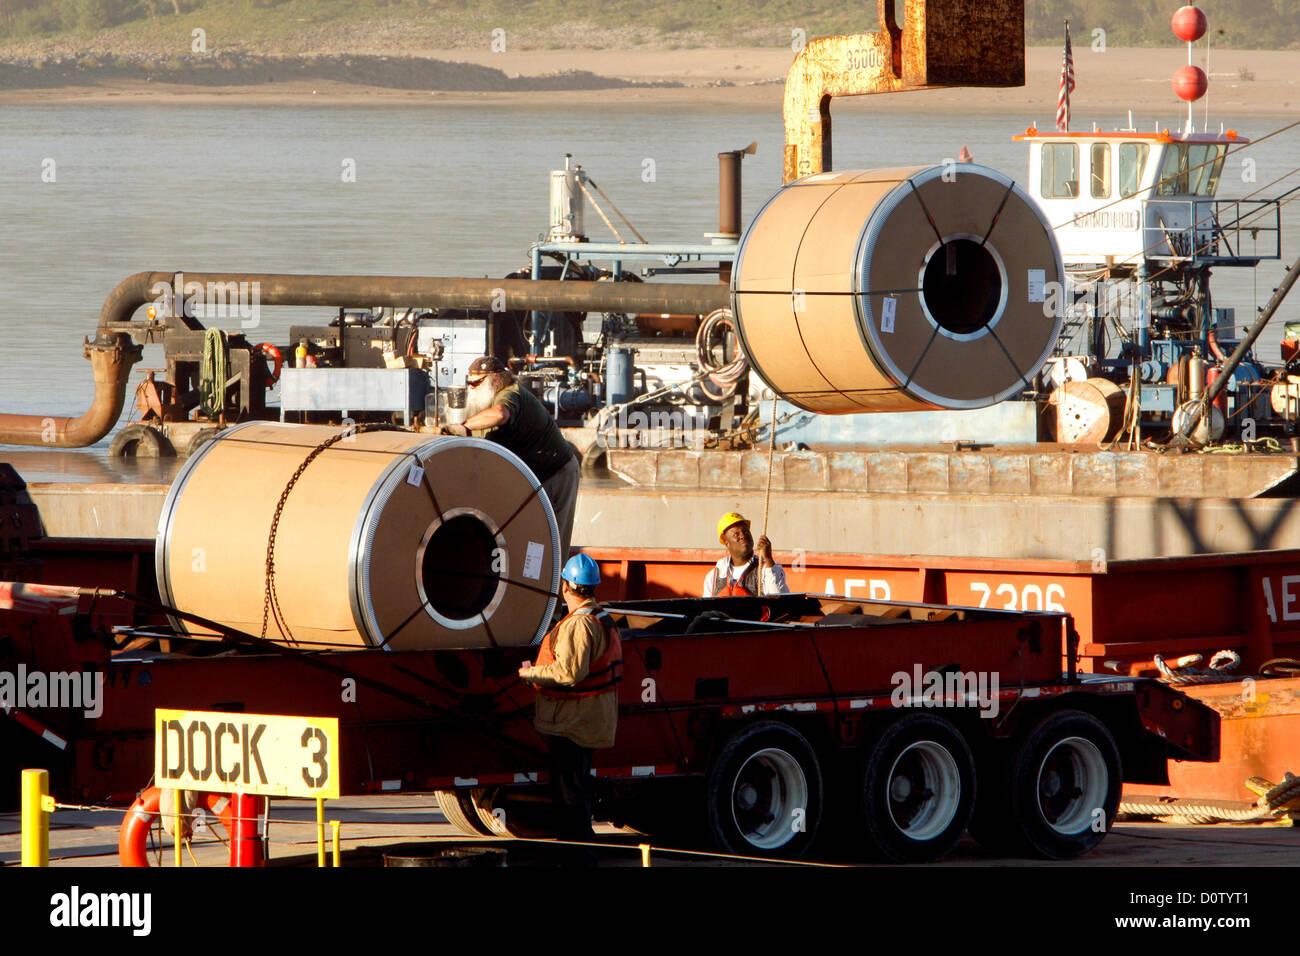 Sept. 19, 2012 - Memphis, Tennessee, U.S. - September 19, 2012 -  Fullen Dock operates six docks in Frayser where - Stock Image